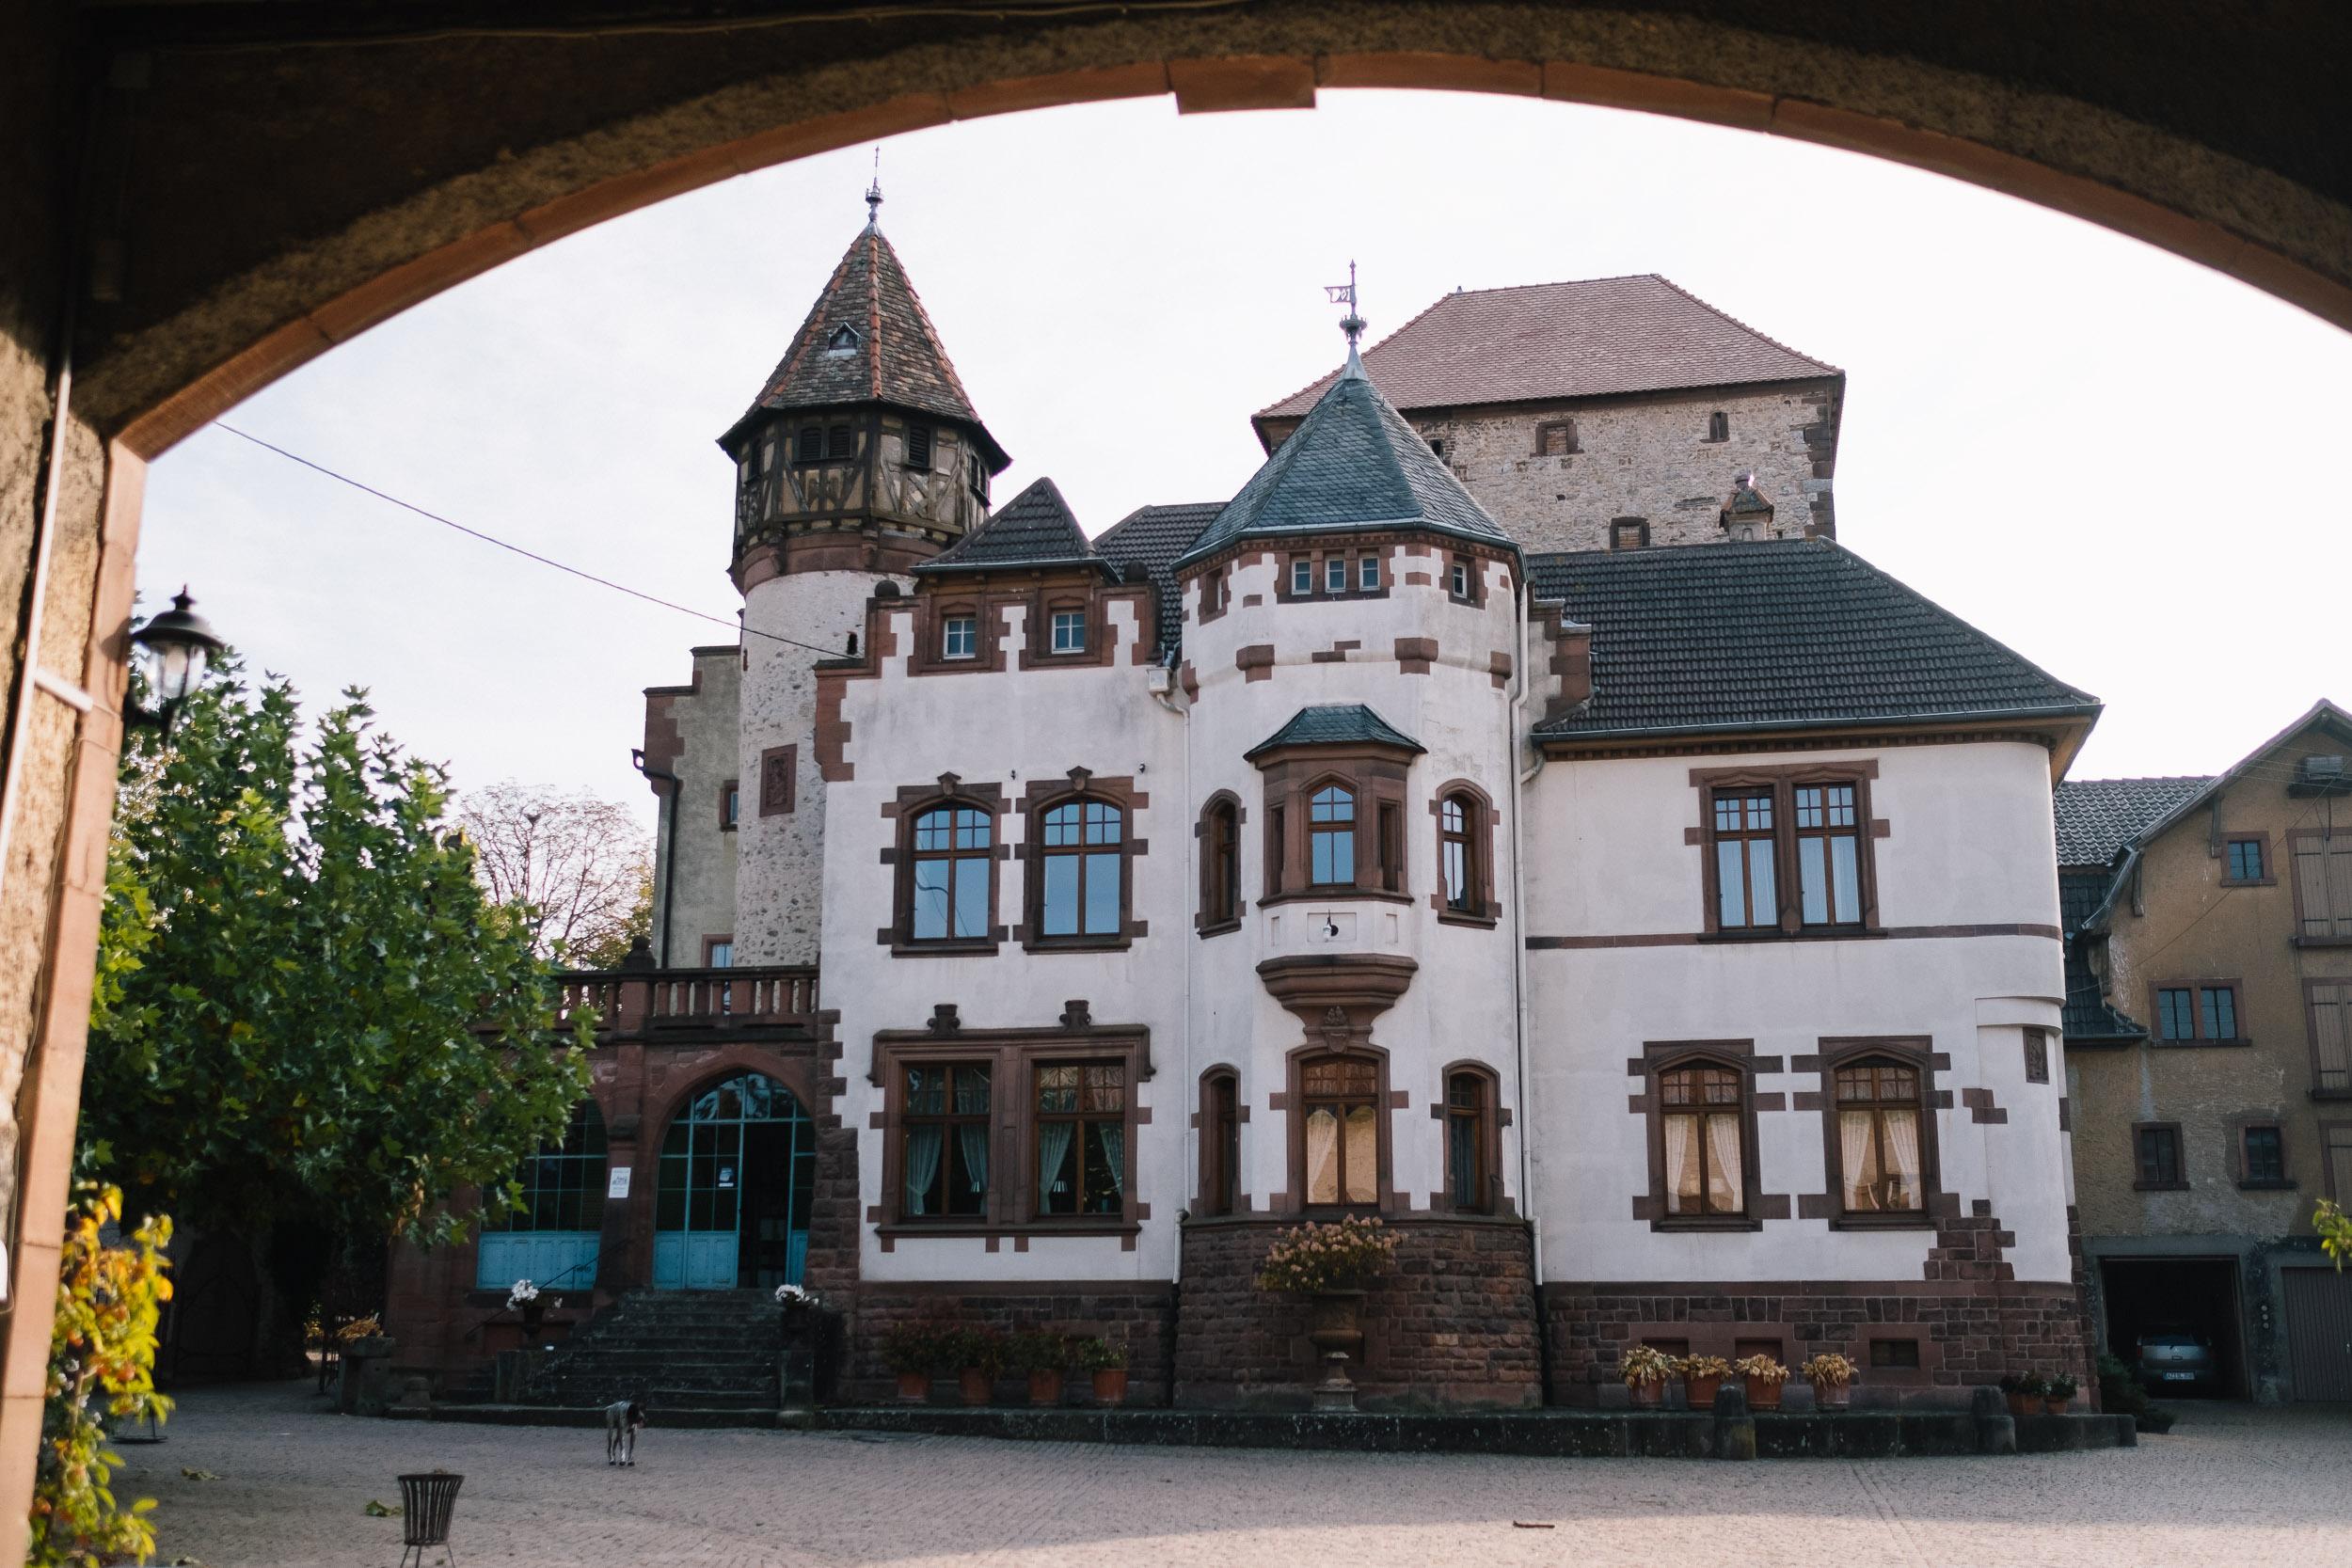 Schlossgut-Lüll-Wiegelmann-181020-06.jpg